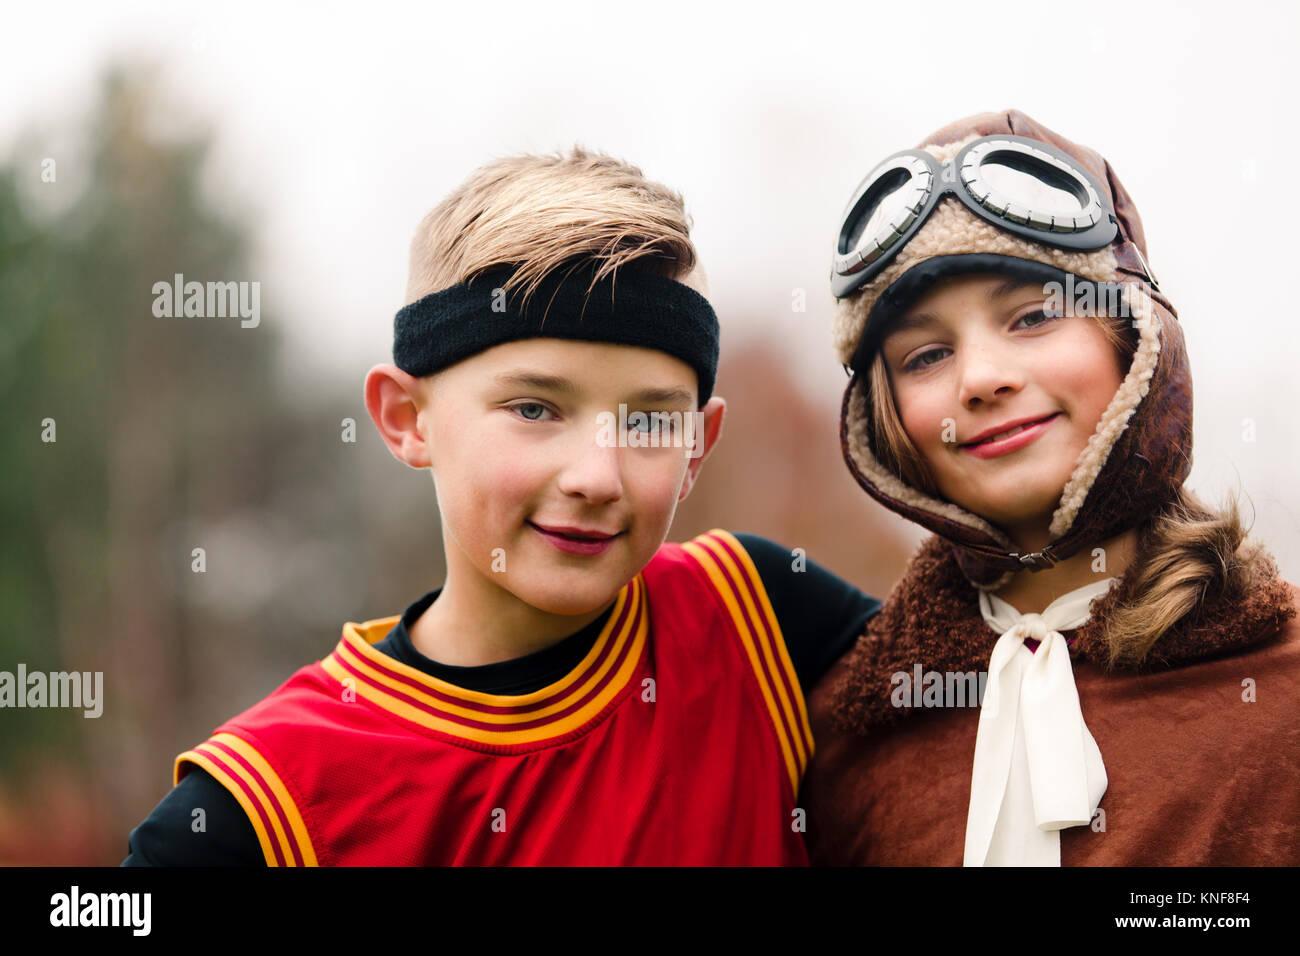 Ritratto di ragazzo e sorella gemella di indossare la pallacanestro e pilota di costumi per Halloween Immagini Stock